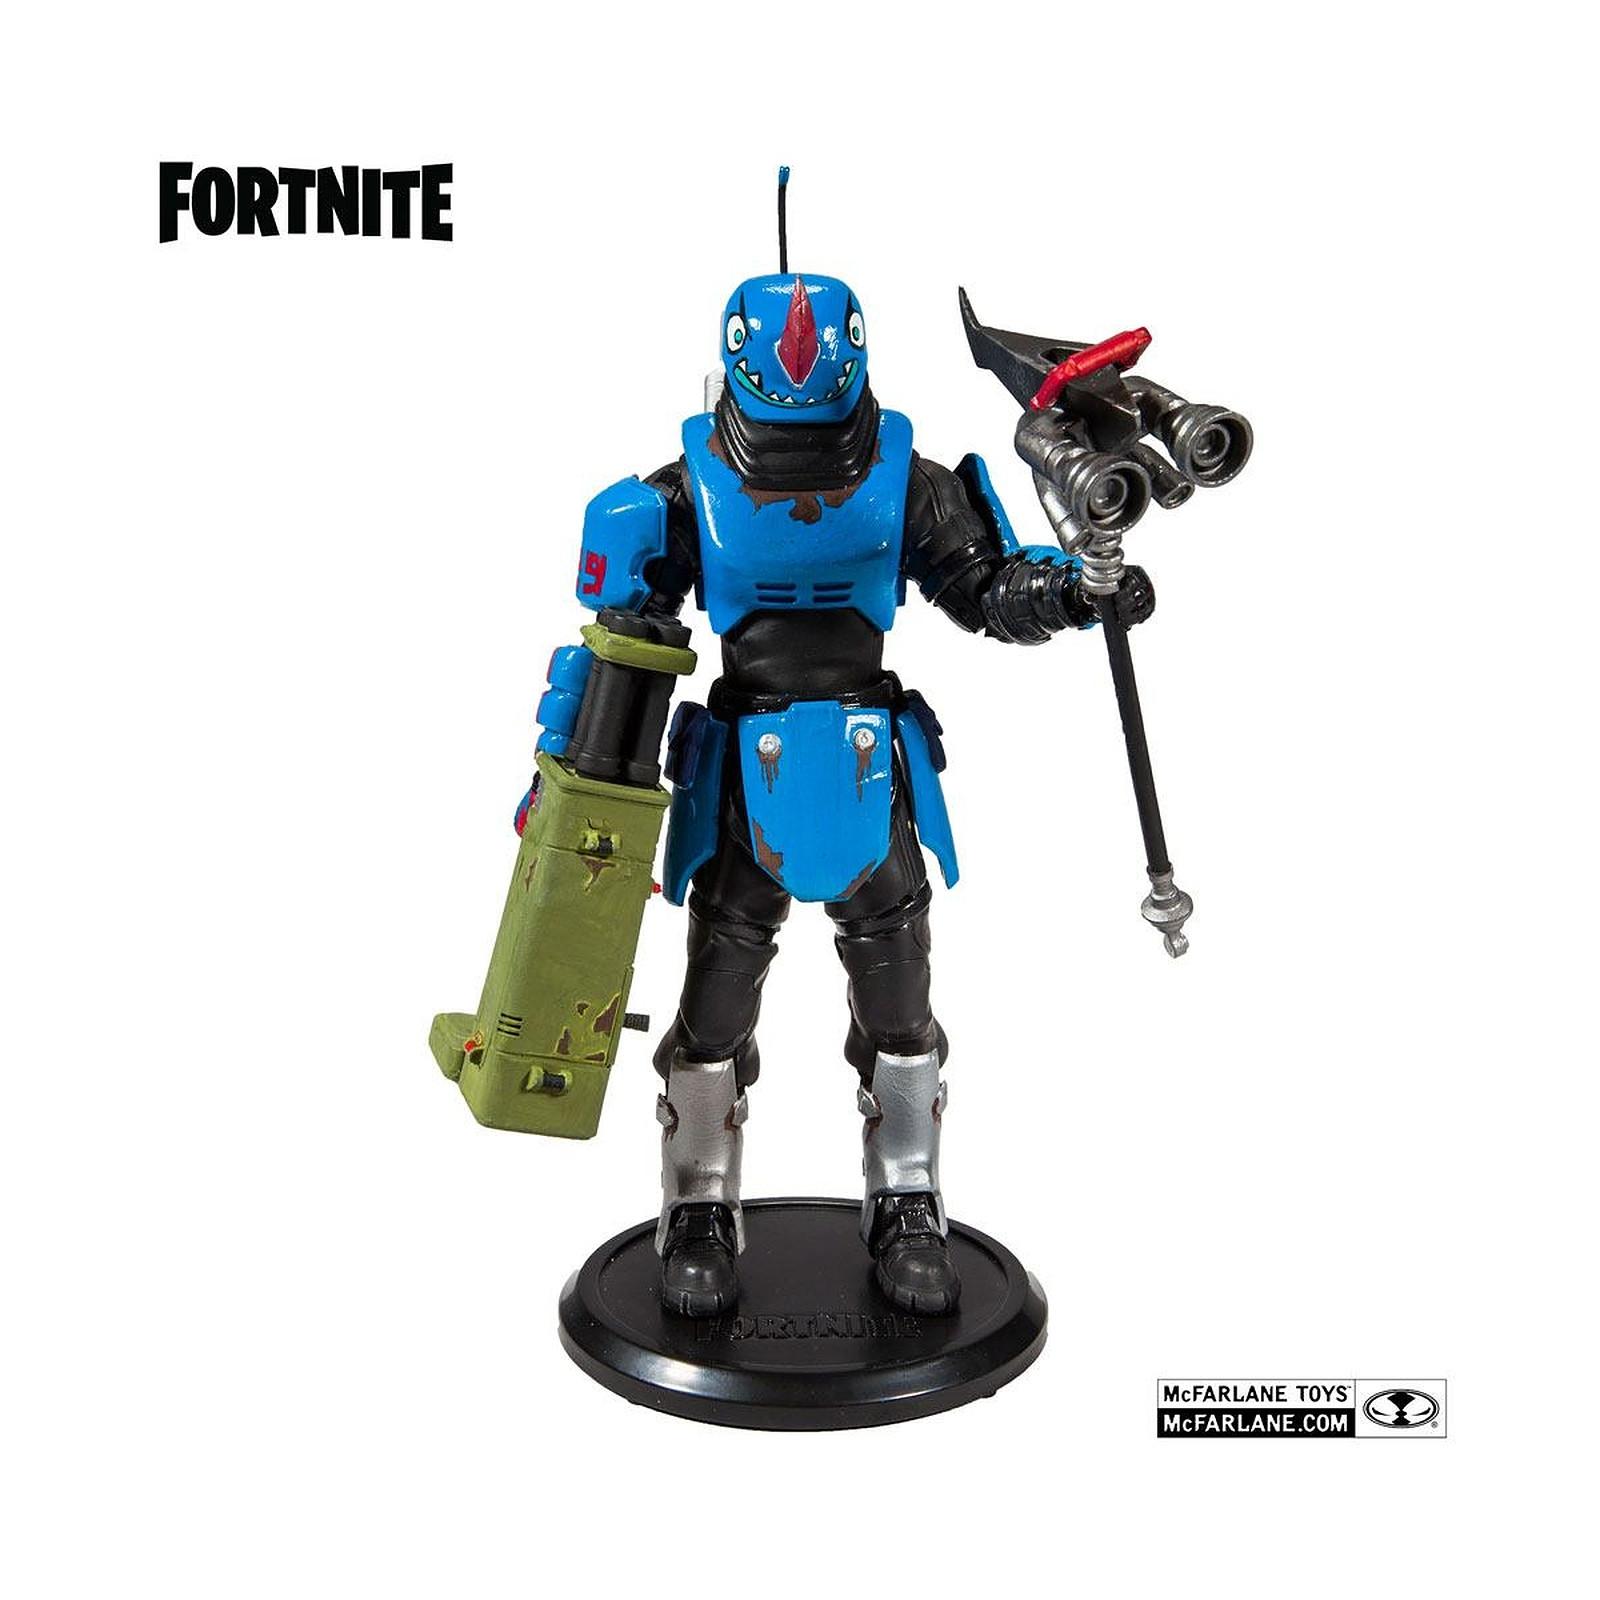 Fortnite - Figurine Beastmode Rhino 18 cm